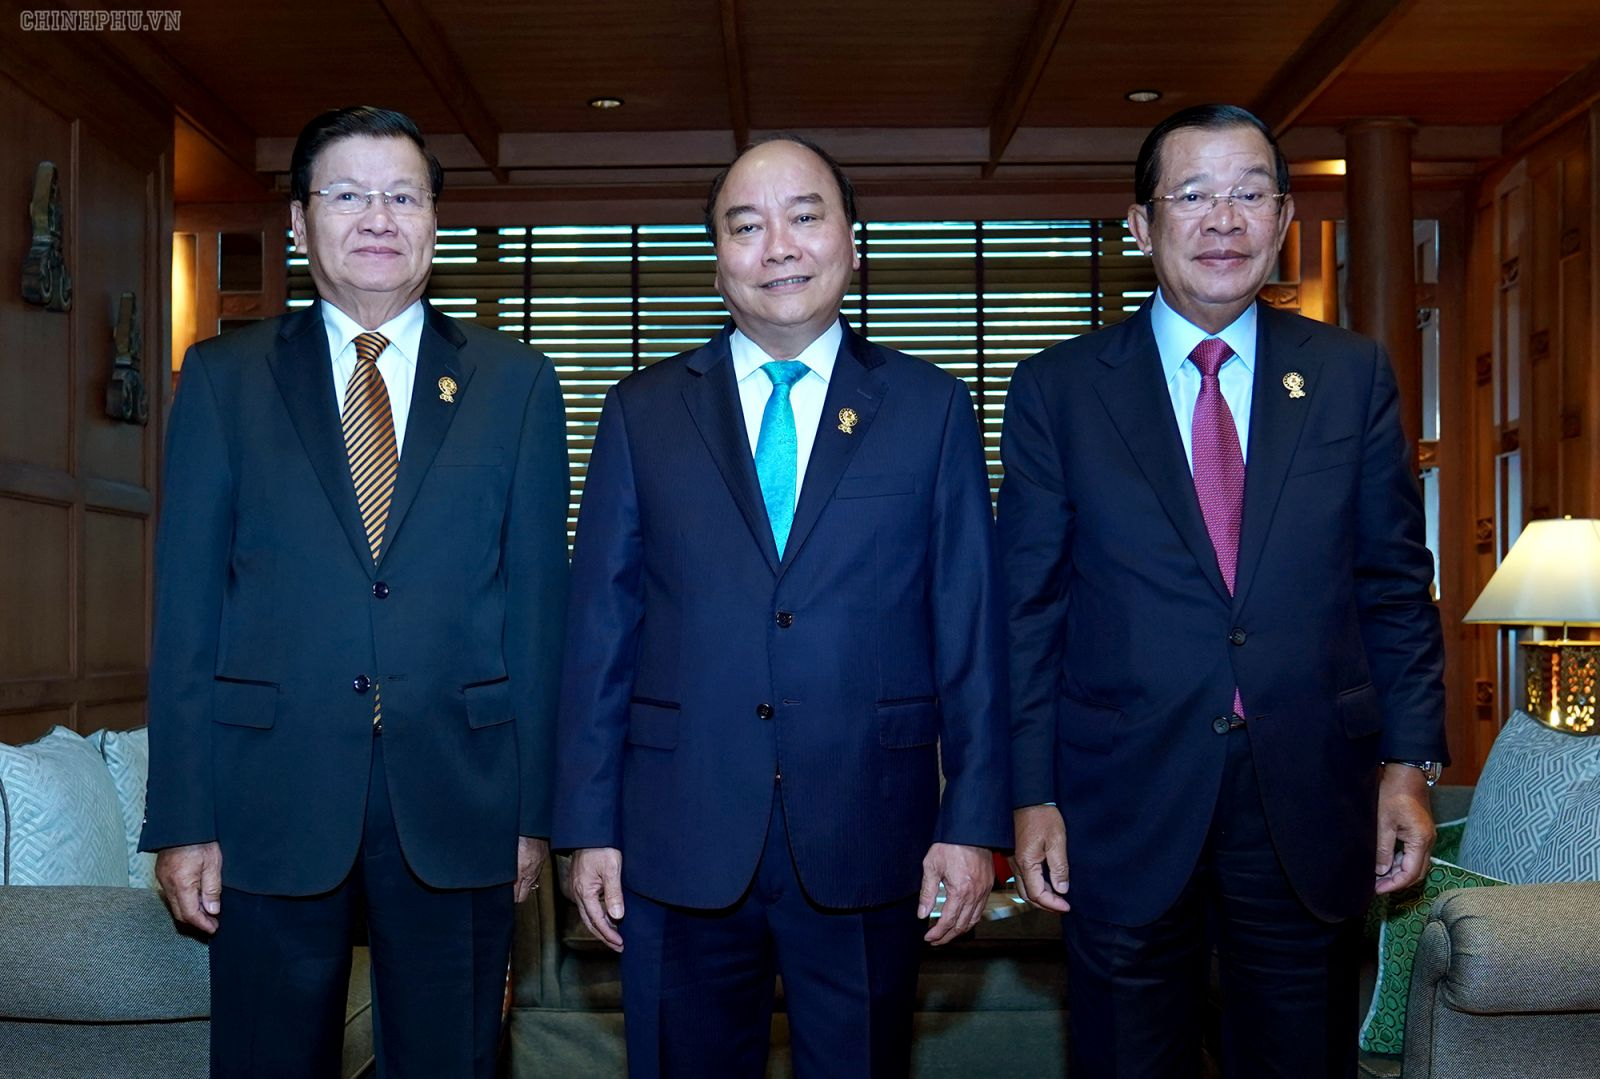 Ba Thủ tướng nhất trí phối hợp chặt chẽ tại các diễn đàn khu vực và quốc tế, thúc đẩy xây dựng Cộng đồng ASEAN đoàn kết, thống nhất, tự cường và có vai trò trung tâm. Ảnh: VGP